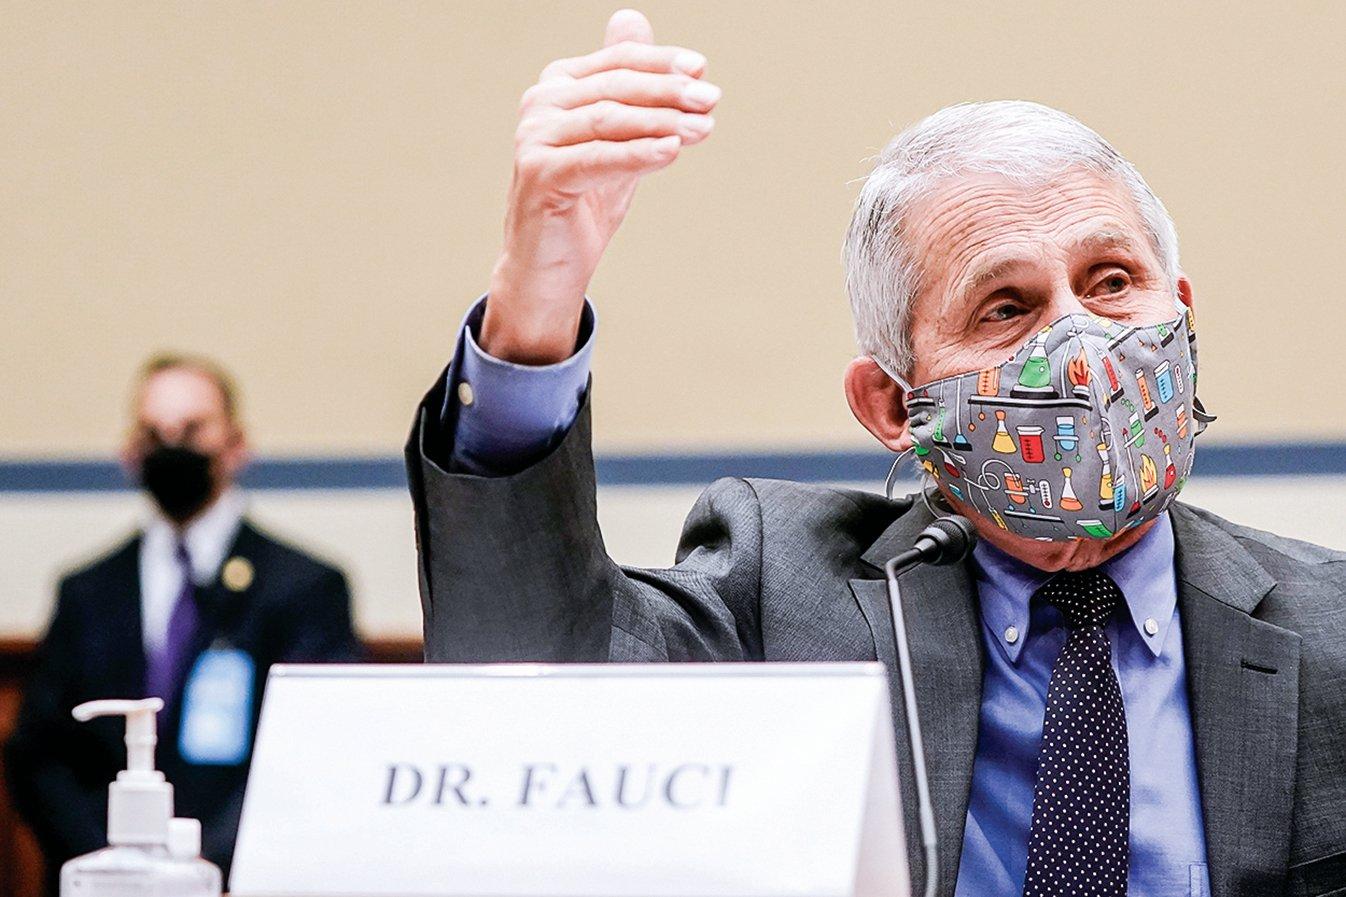 美國著名傳染病專家福西博士之前不認同「實驗室洩漏」說,最近卻改口,而且還支持對中國進行調查。(Getty Images)